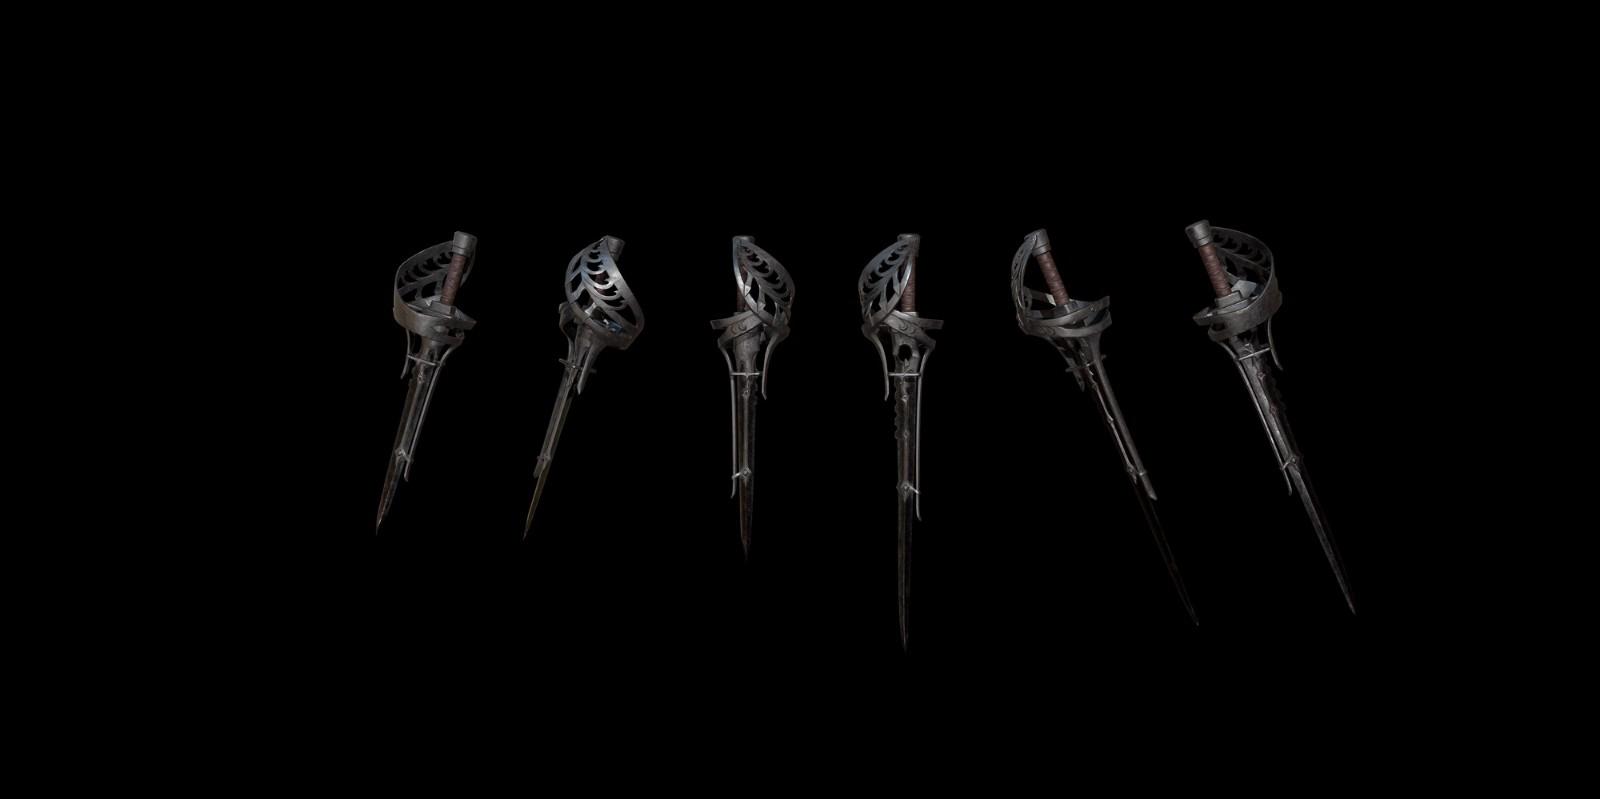 《明末:渊虚之羽》新视觉图 国风克苏鲁魂类ARPG